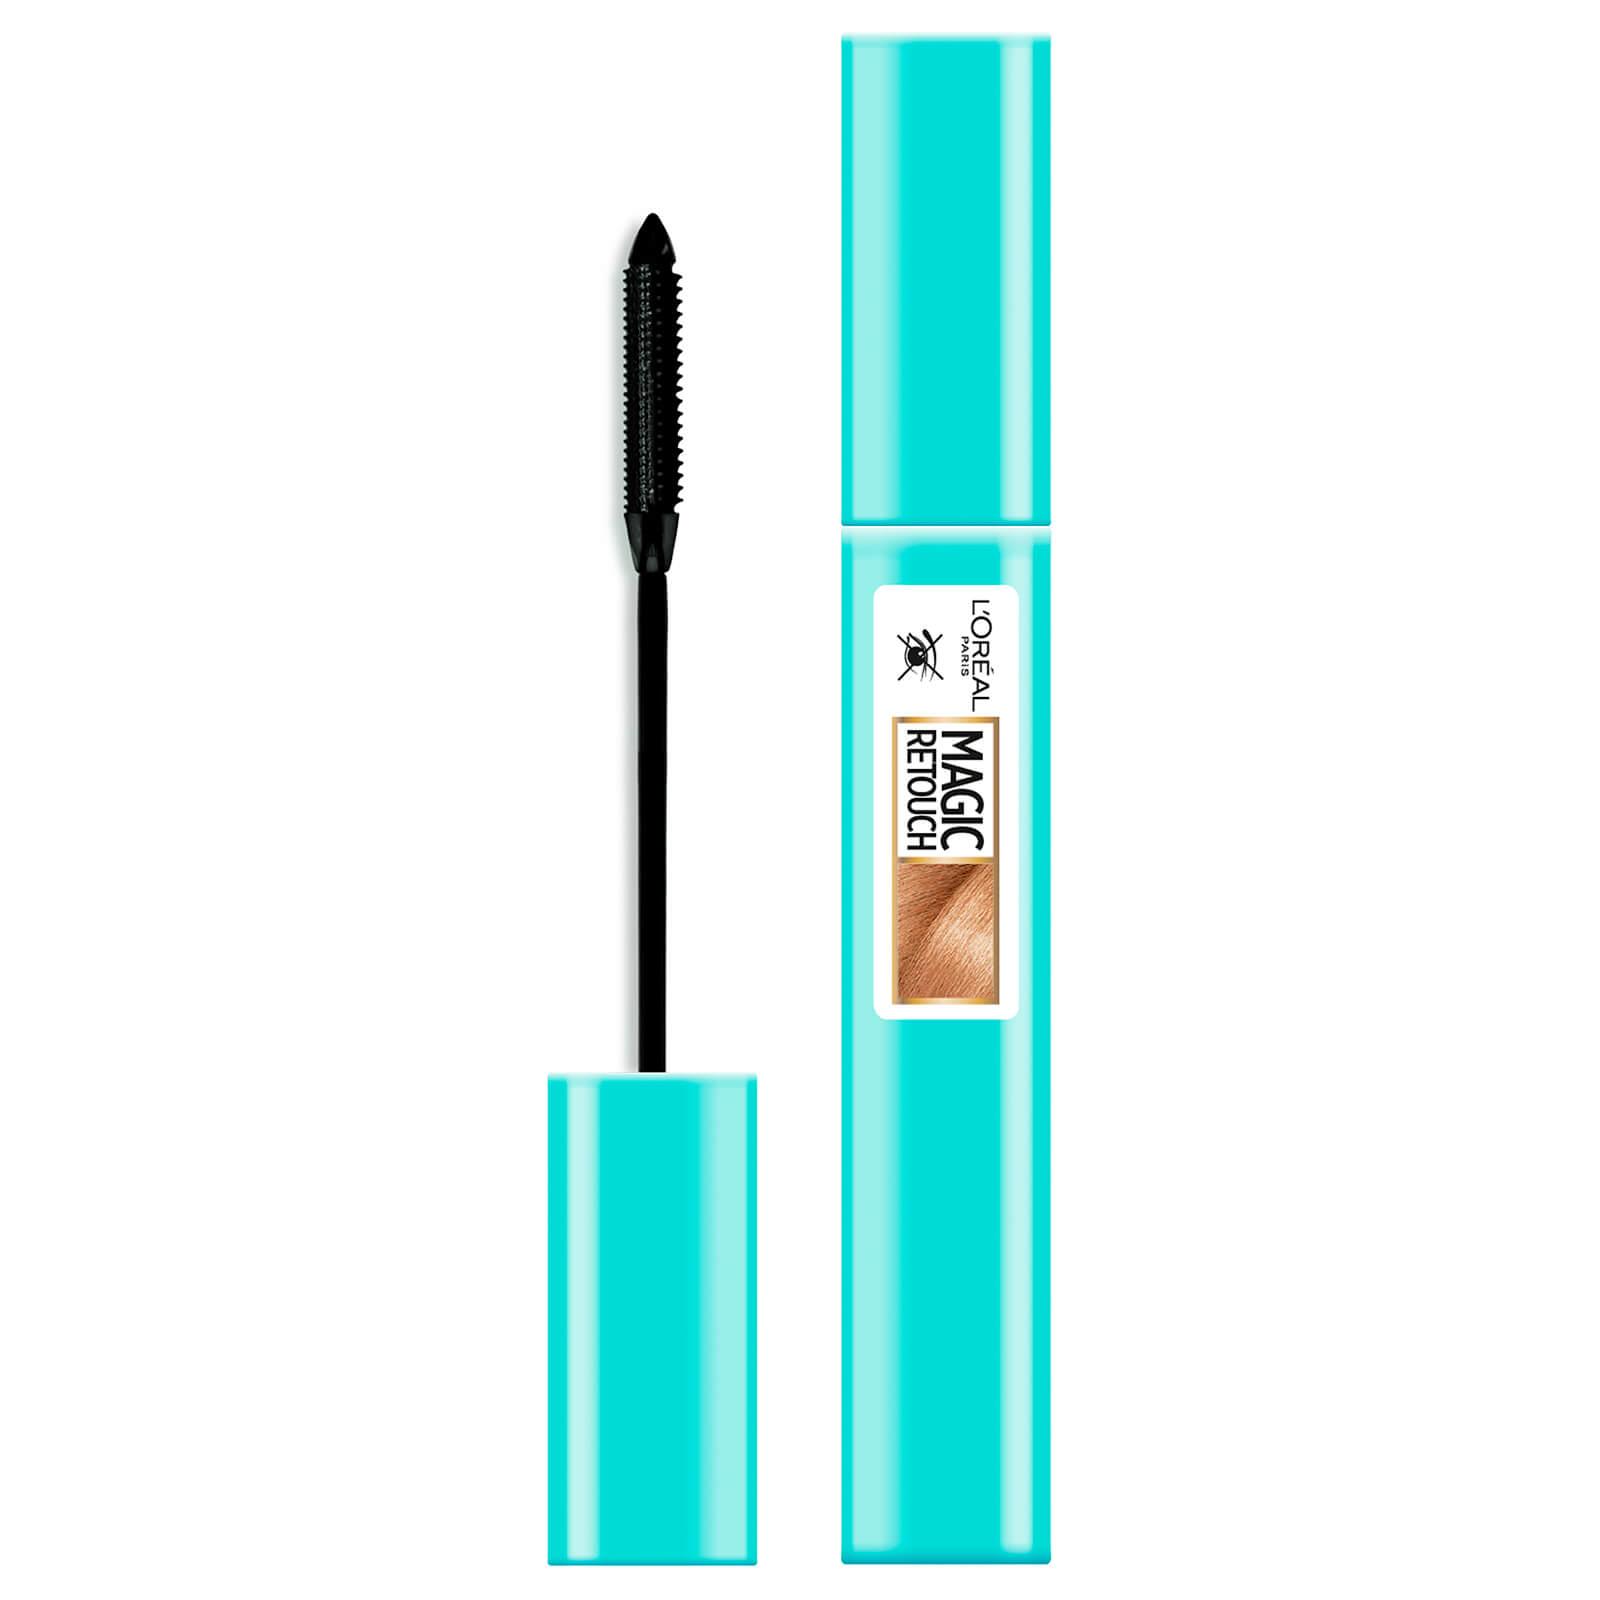 L'Oréal Paris Magic Retouch Precision Instant Grey Concealer Brush (Various Shades) - Blonde